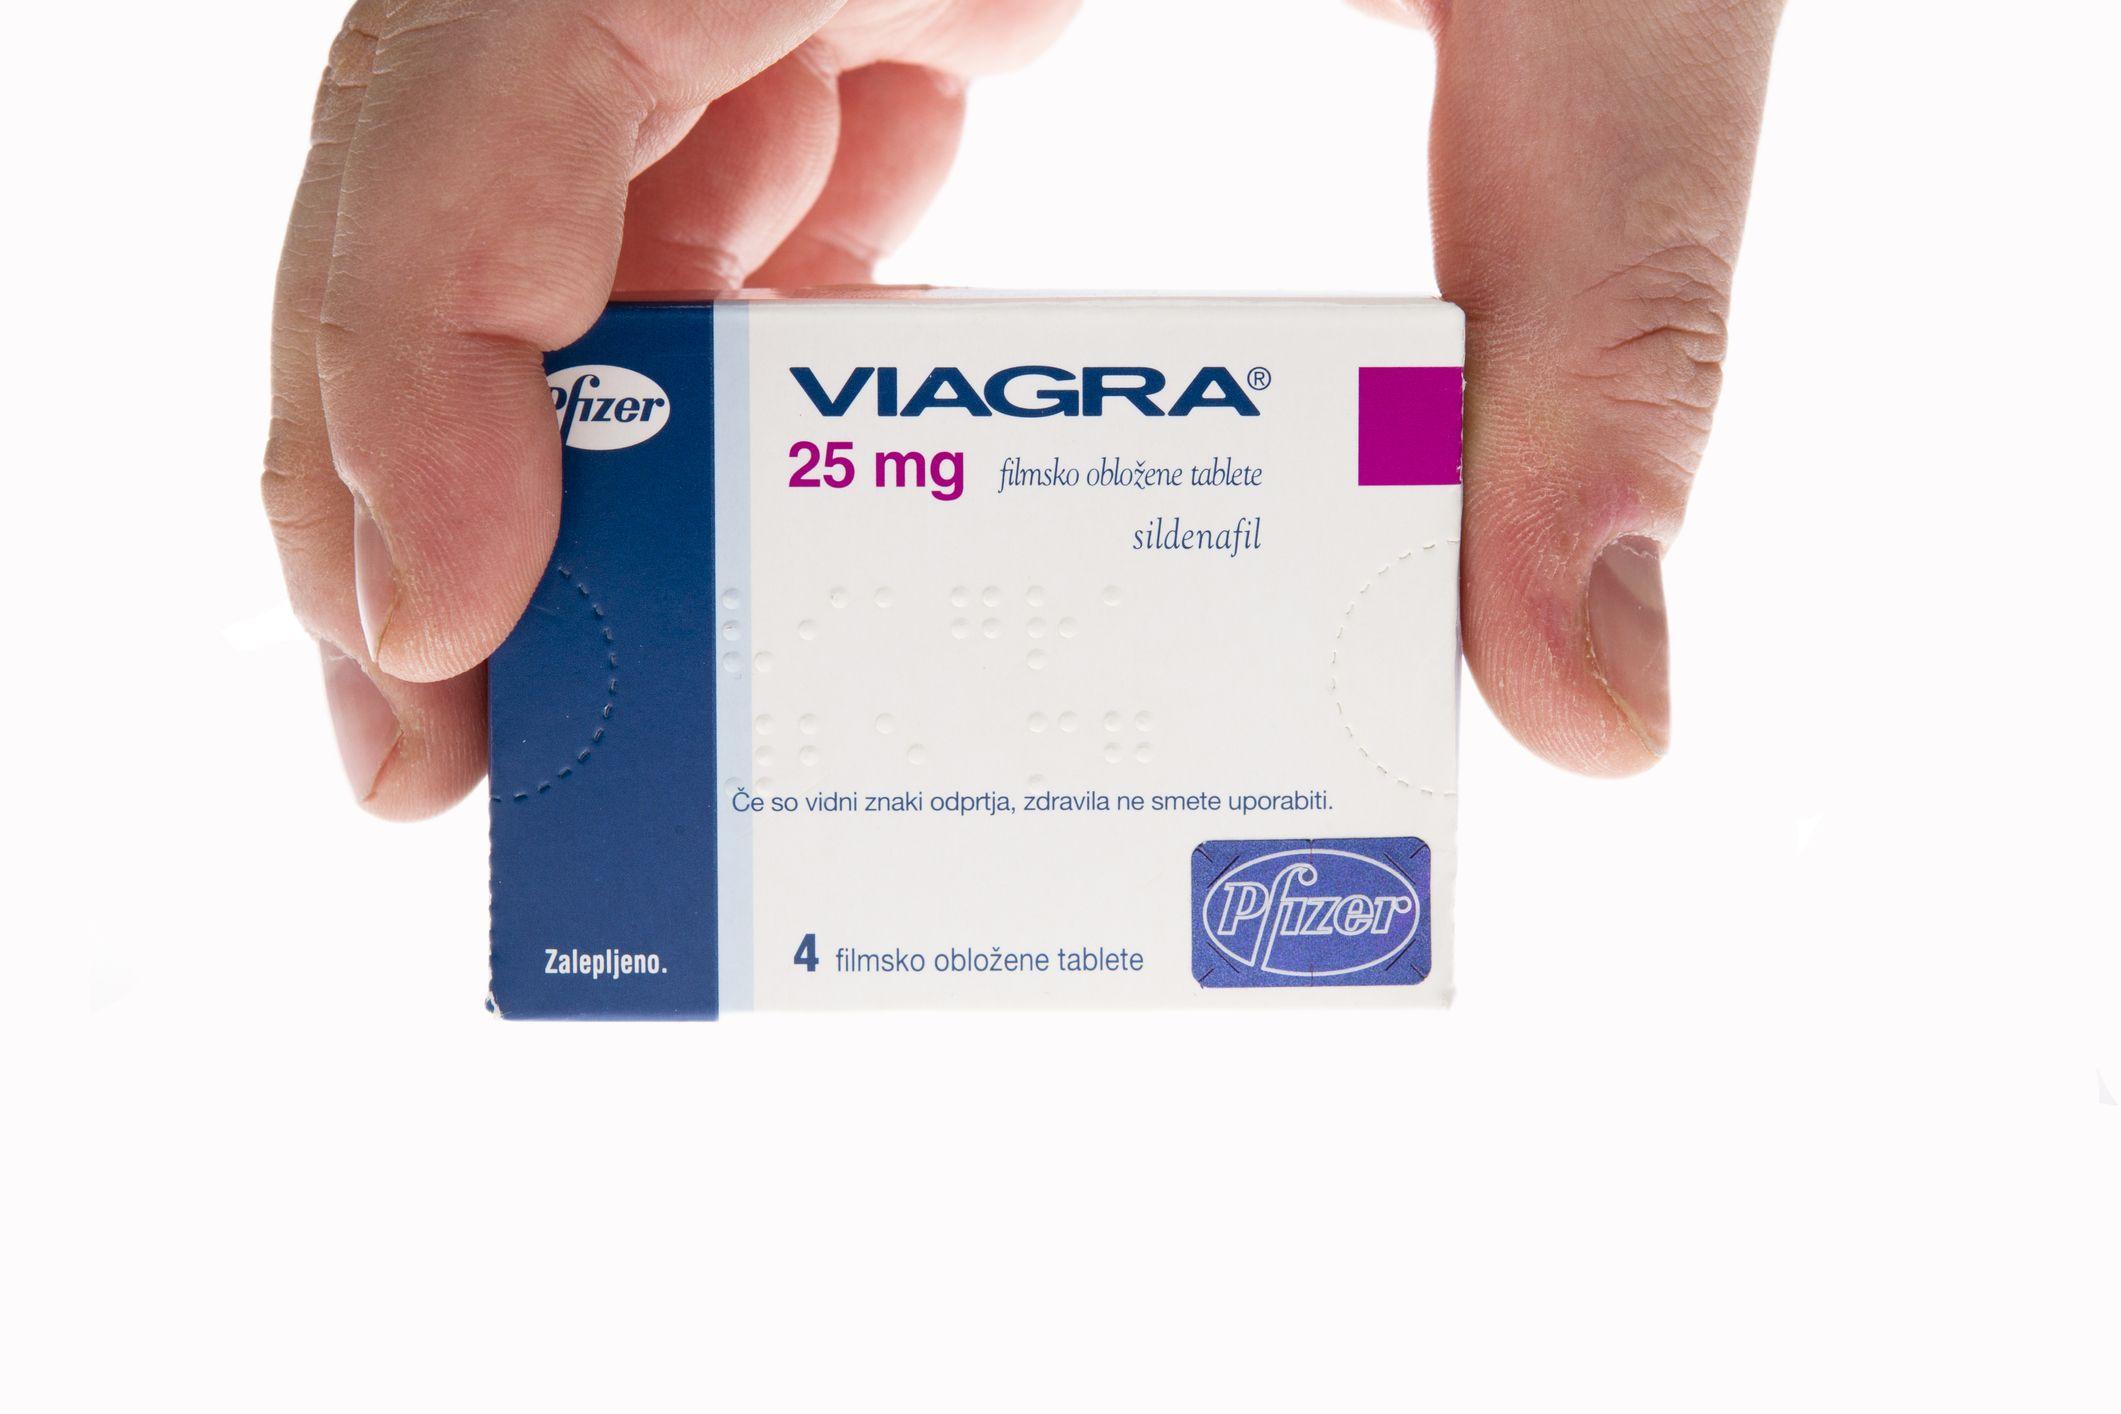 magas vérnyomás és a Viagra szedése reggeli kocogás magas vérnyomás miatt